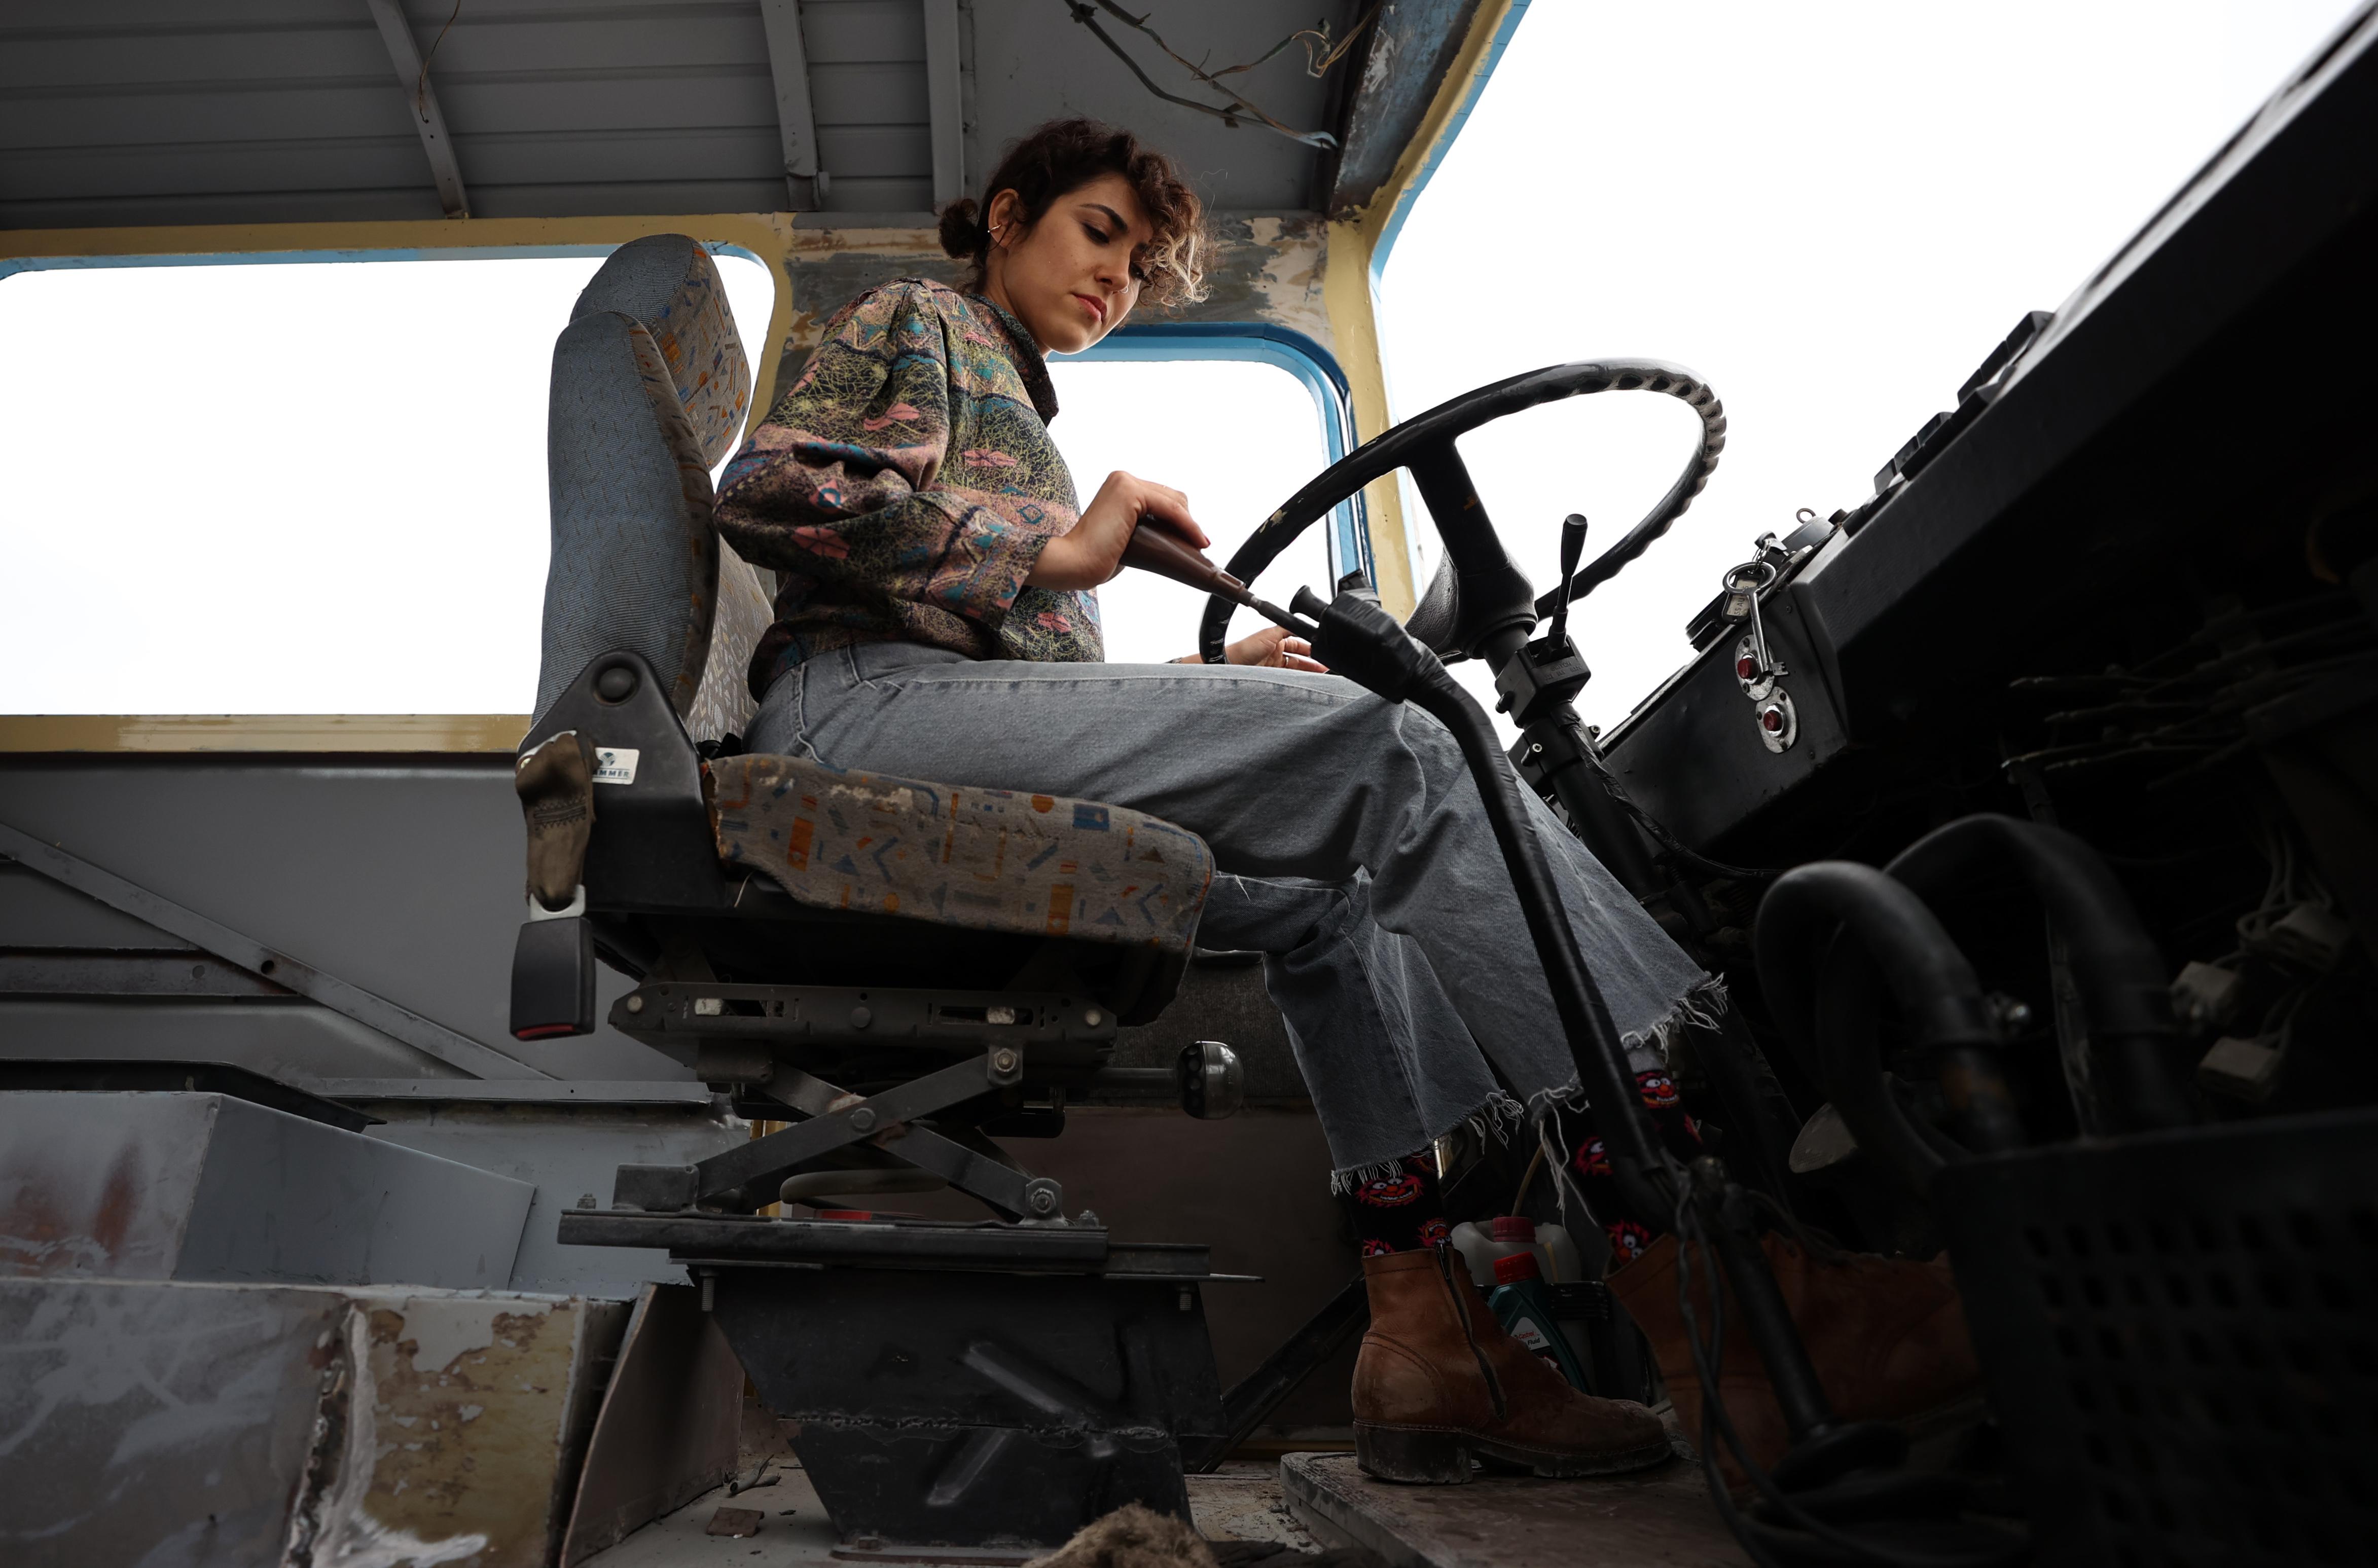 45 yaşındaki otobüsü karavana dönüştürüyor  Hayallerinin peşinden karavanla gidecek!